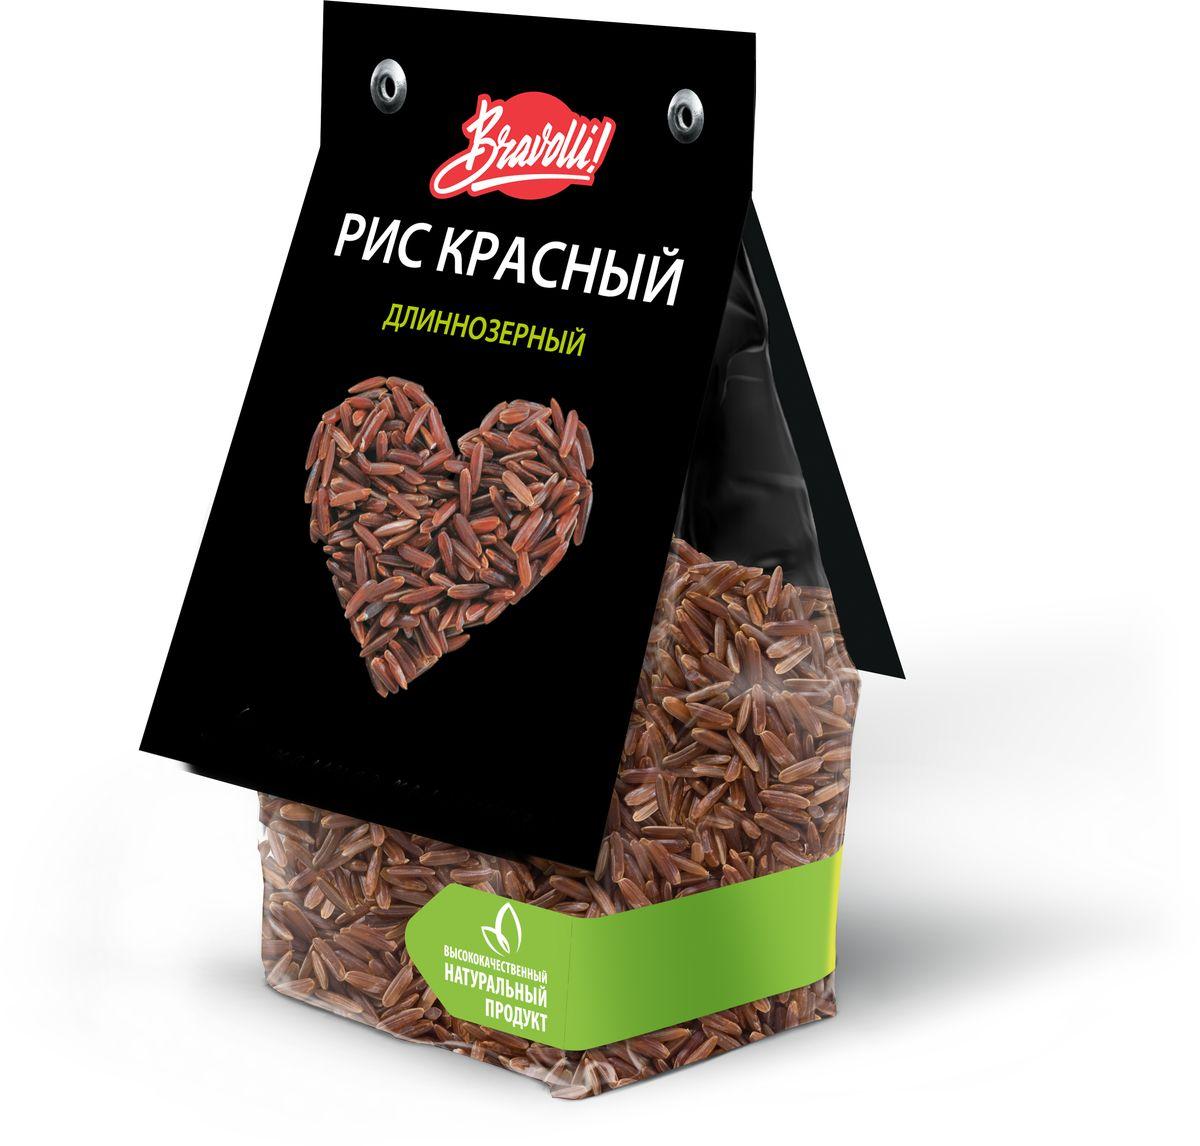 Bravolli Рис красный длиннозерный, 350 г